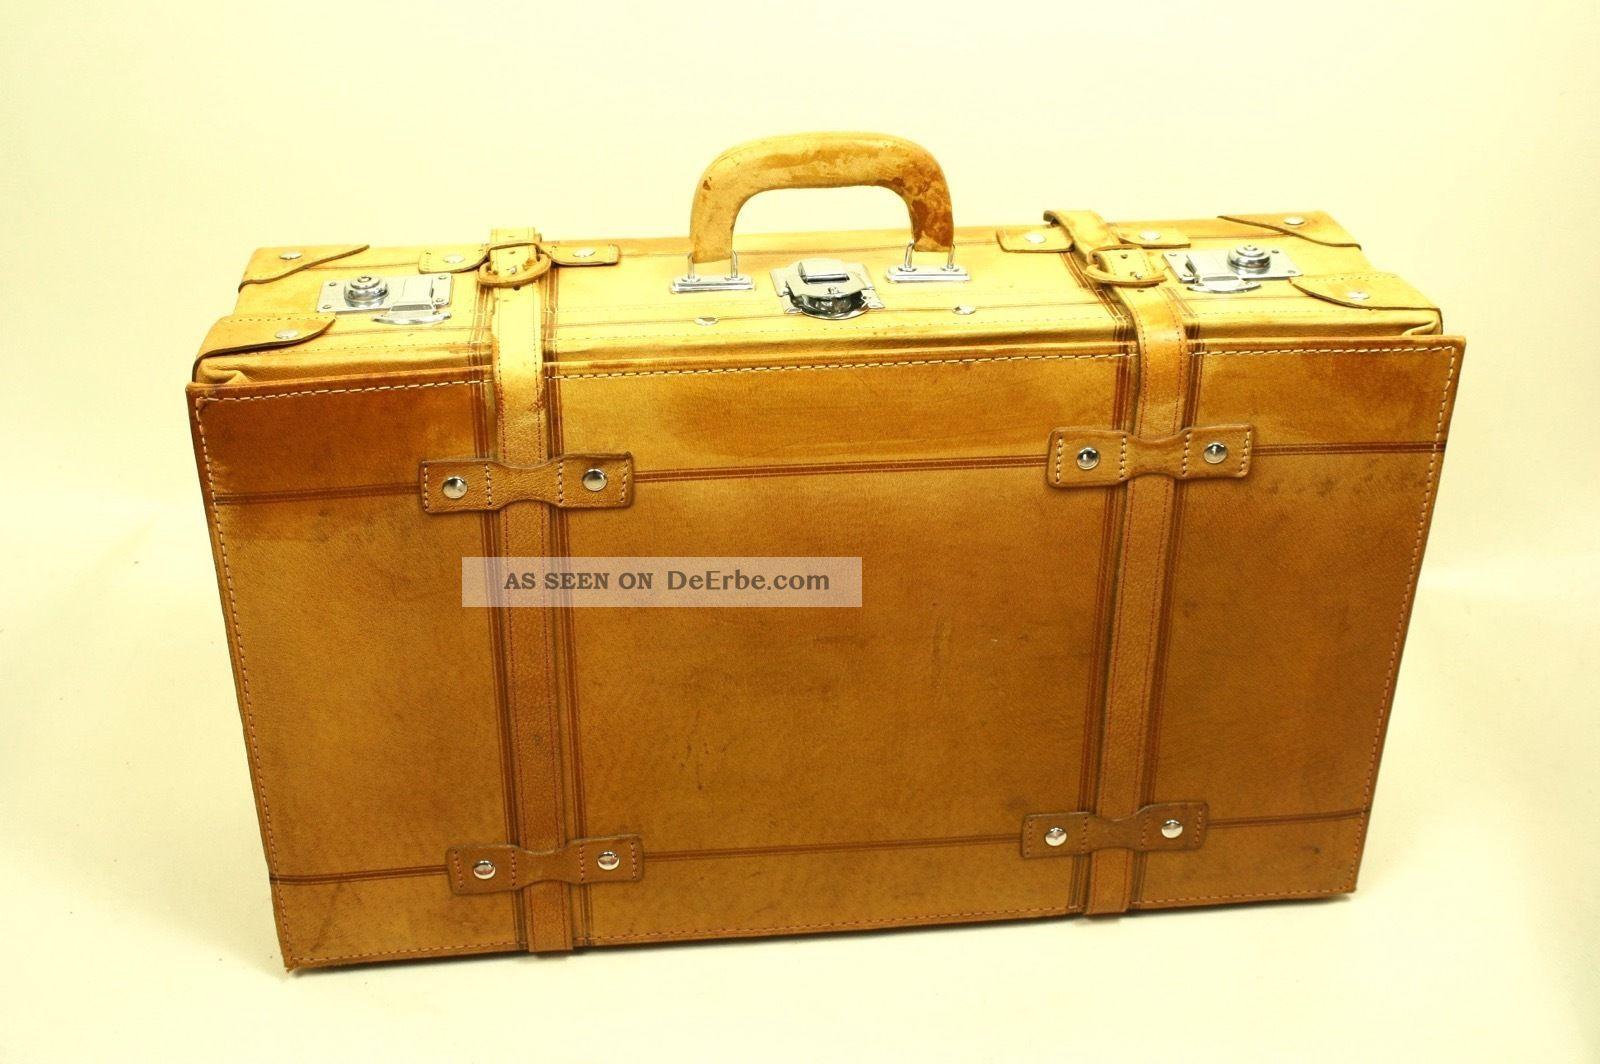 Ko68 Lederkoffer Koffer Leder Cognac Braun Oldtimer Vintage 68 X 40 X 22 Accessoires Bild